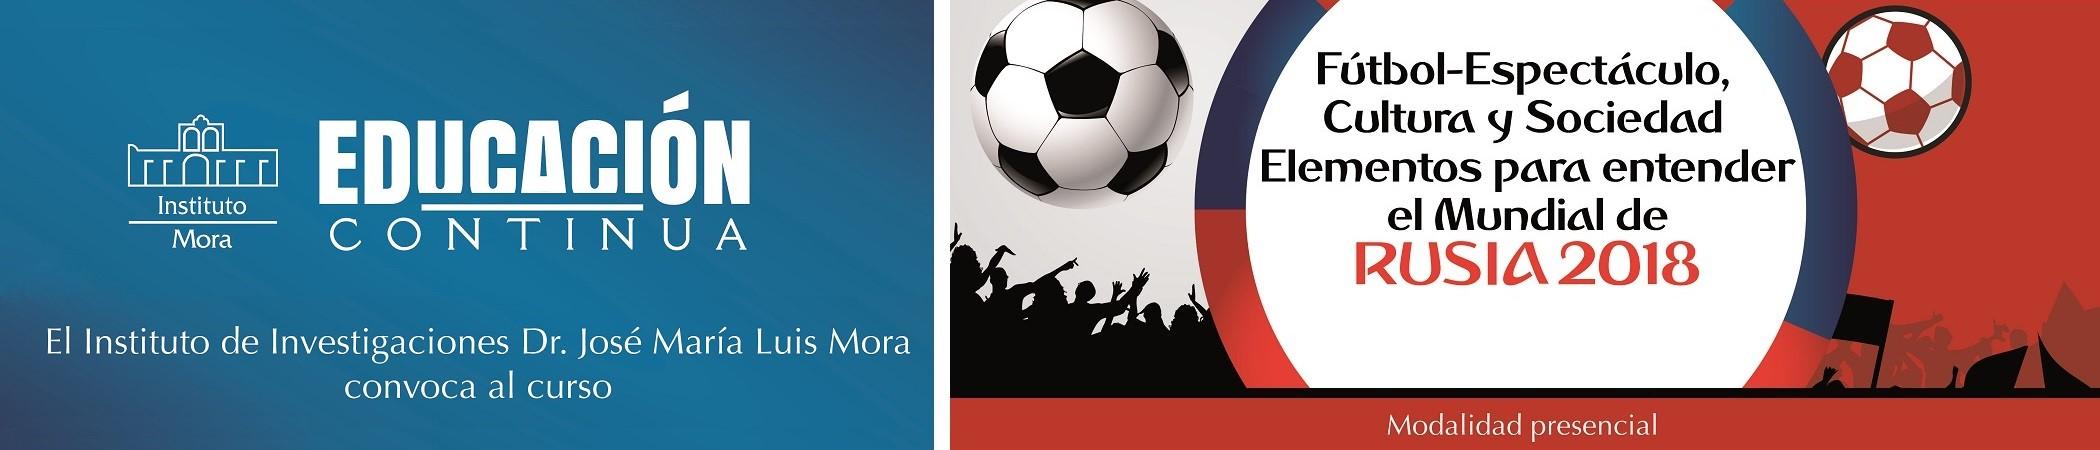 I Curso Fútbol-Espectáculo, Cultura y Sociedad